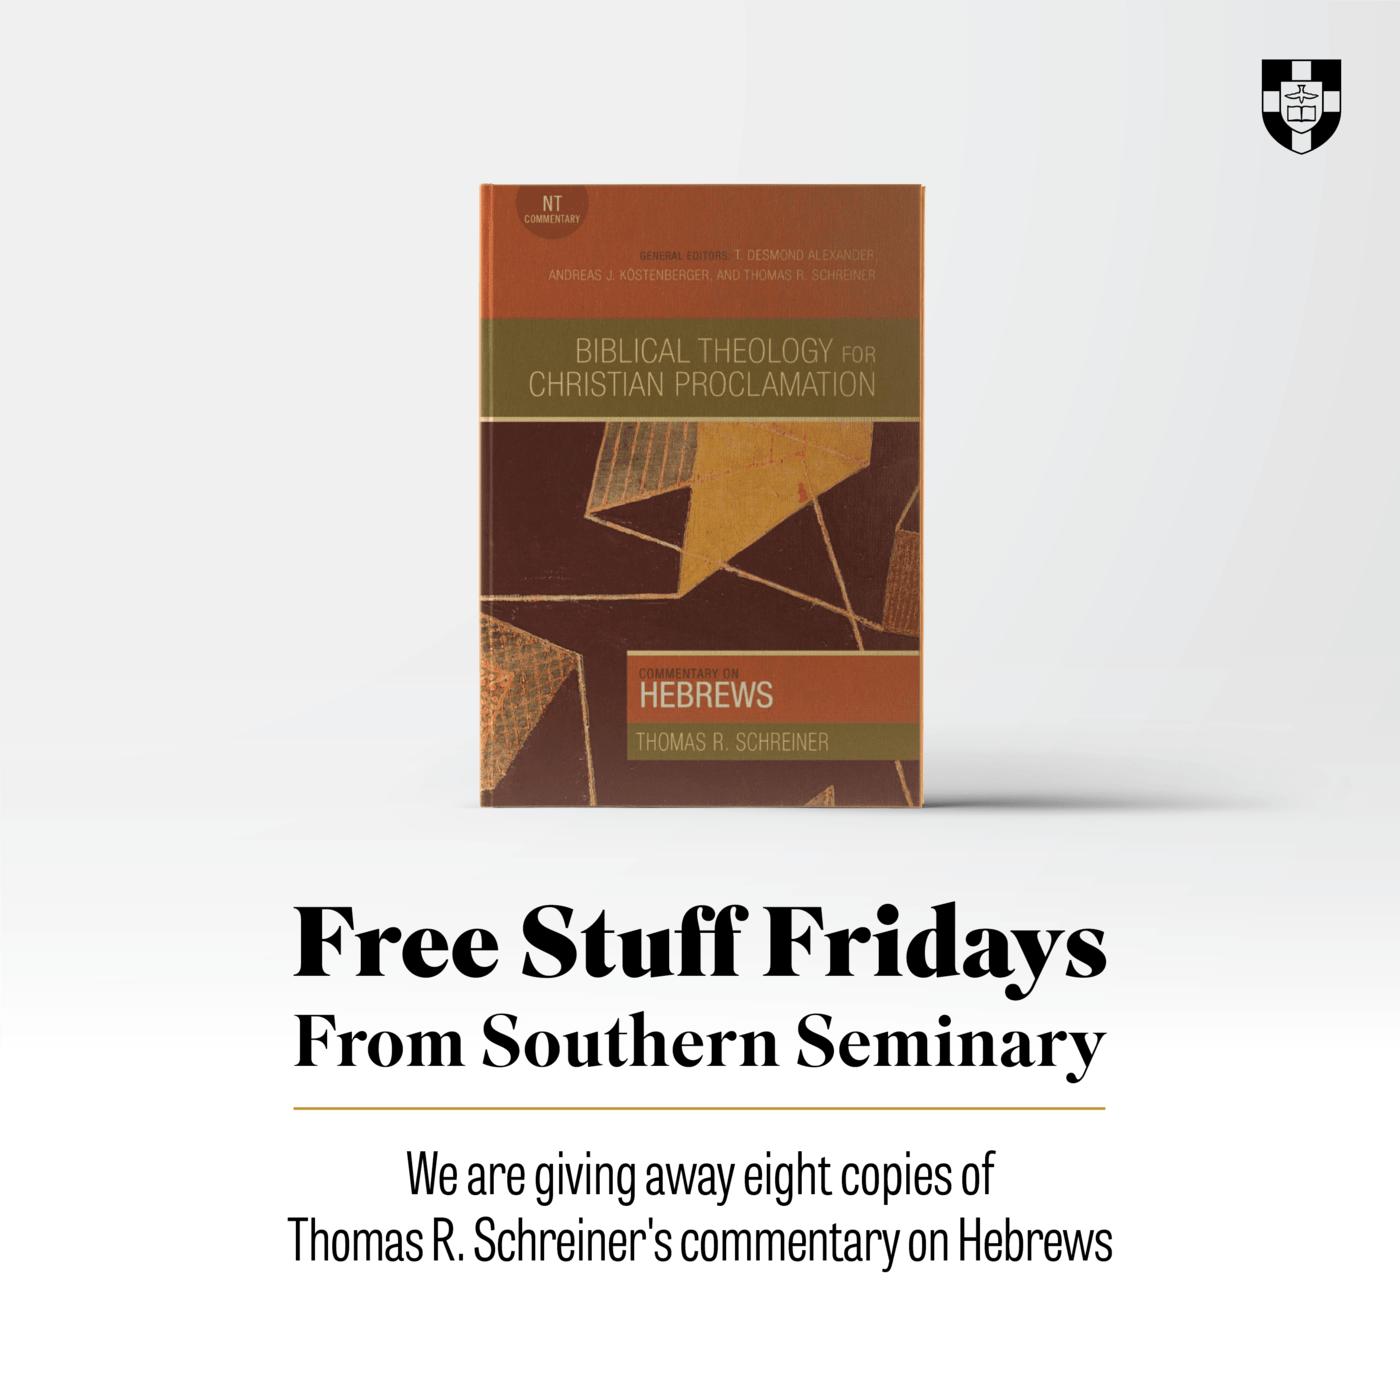 Free Stuff Fridays (Southern Seminary) - Tim Challies